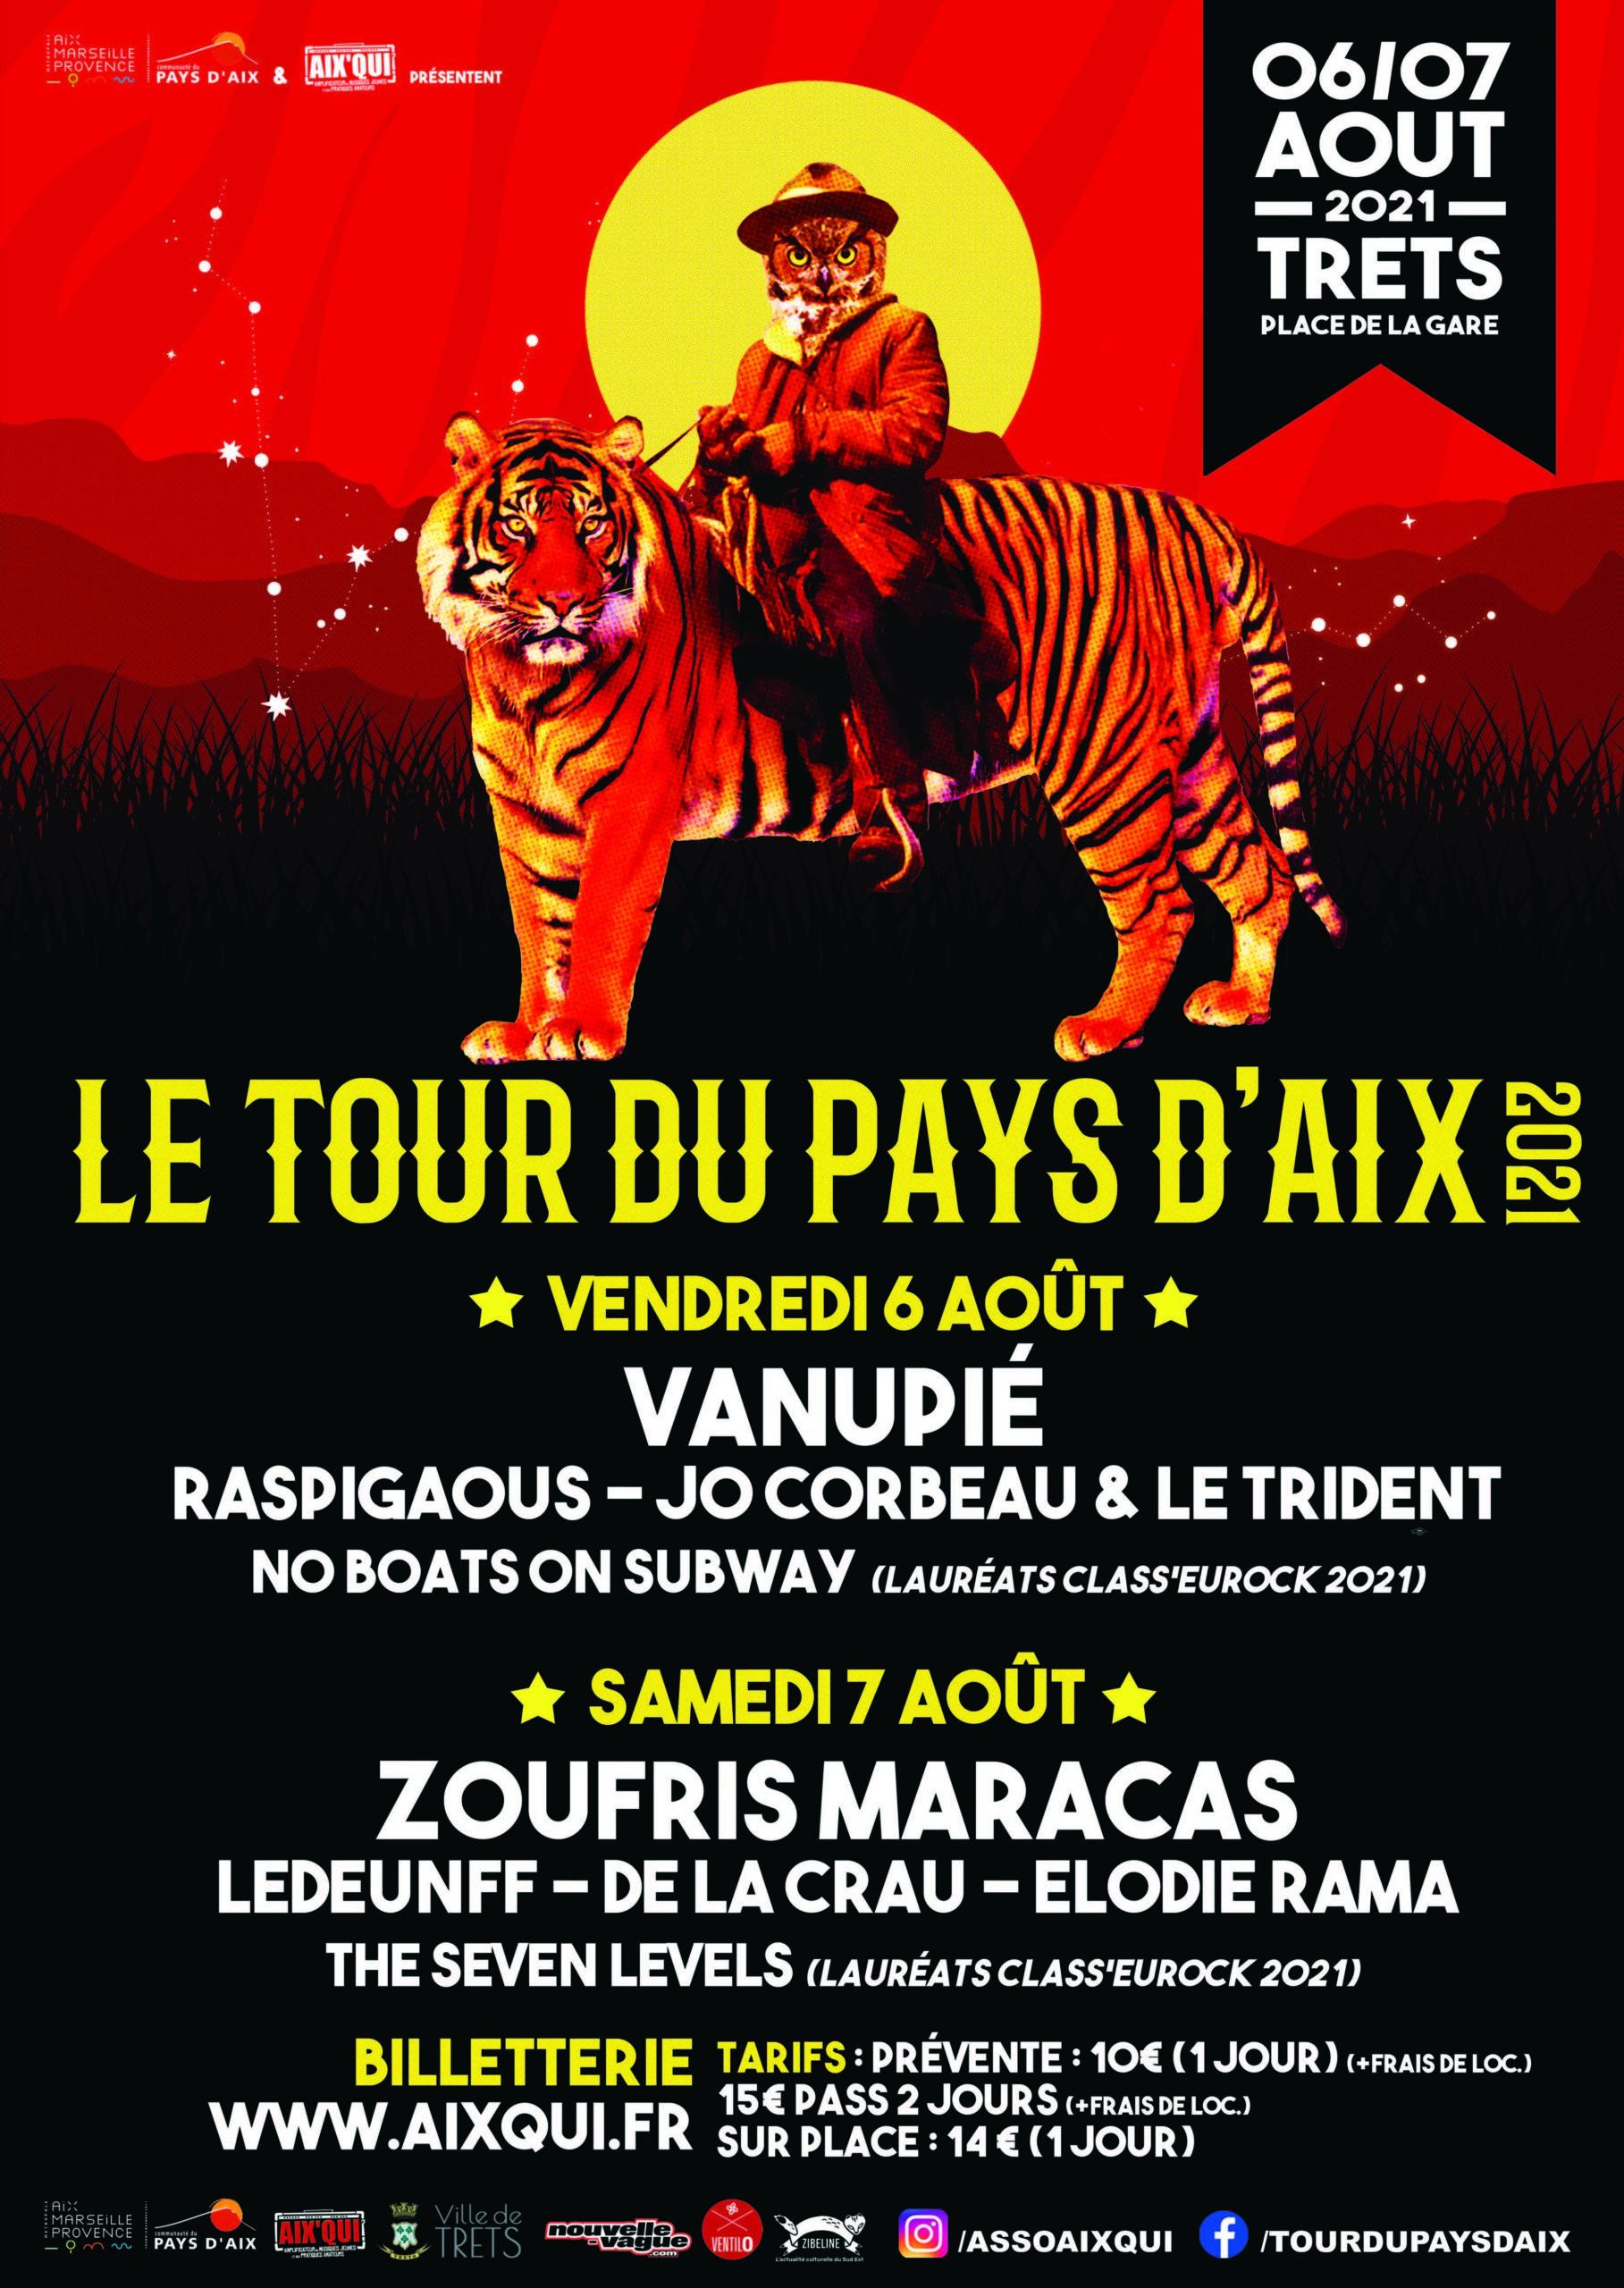 Affiche du Tour du Pays d'Aix 2021